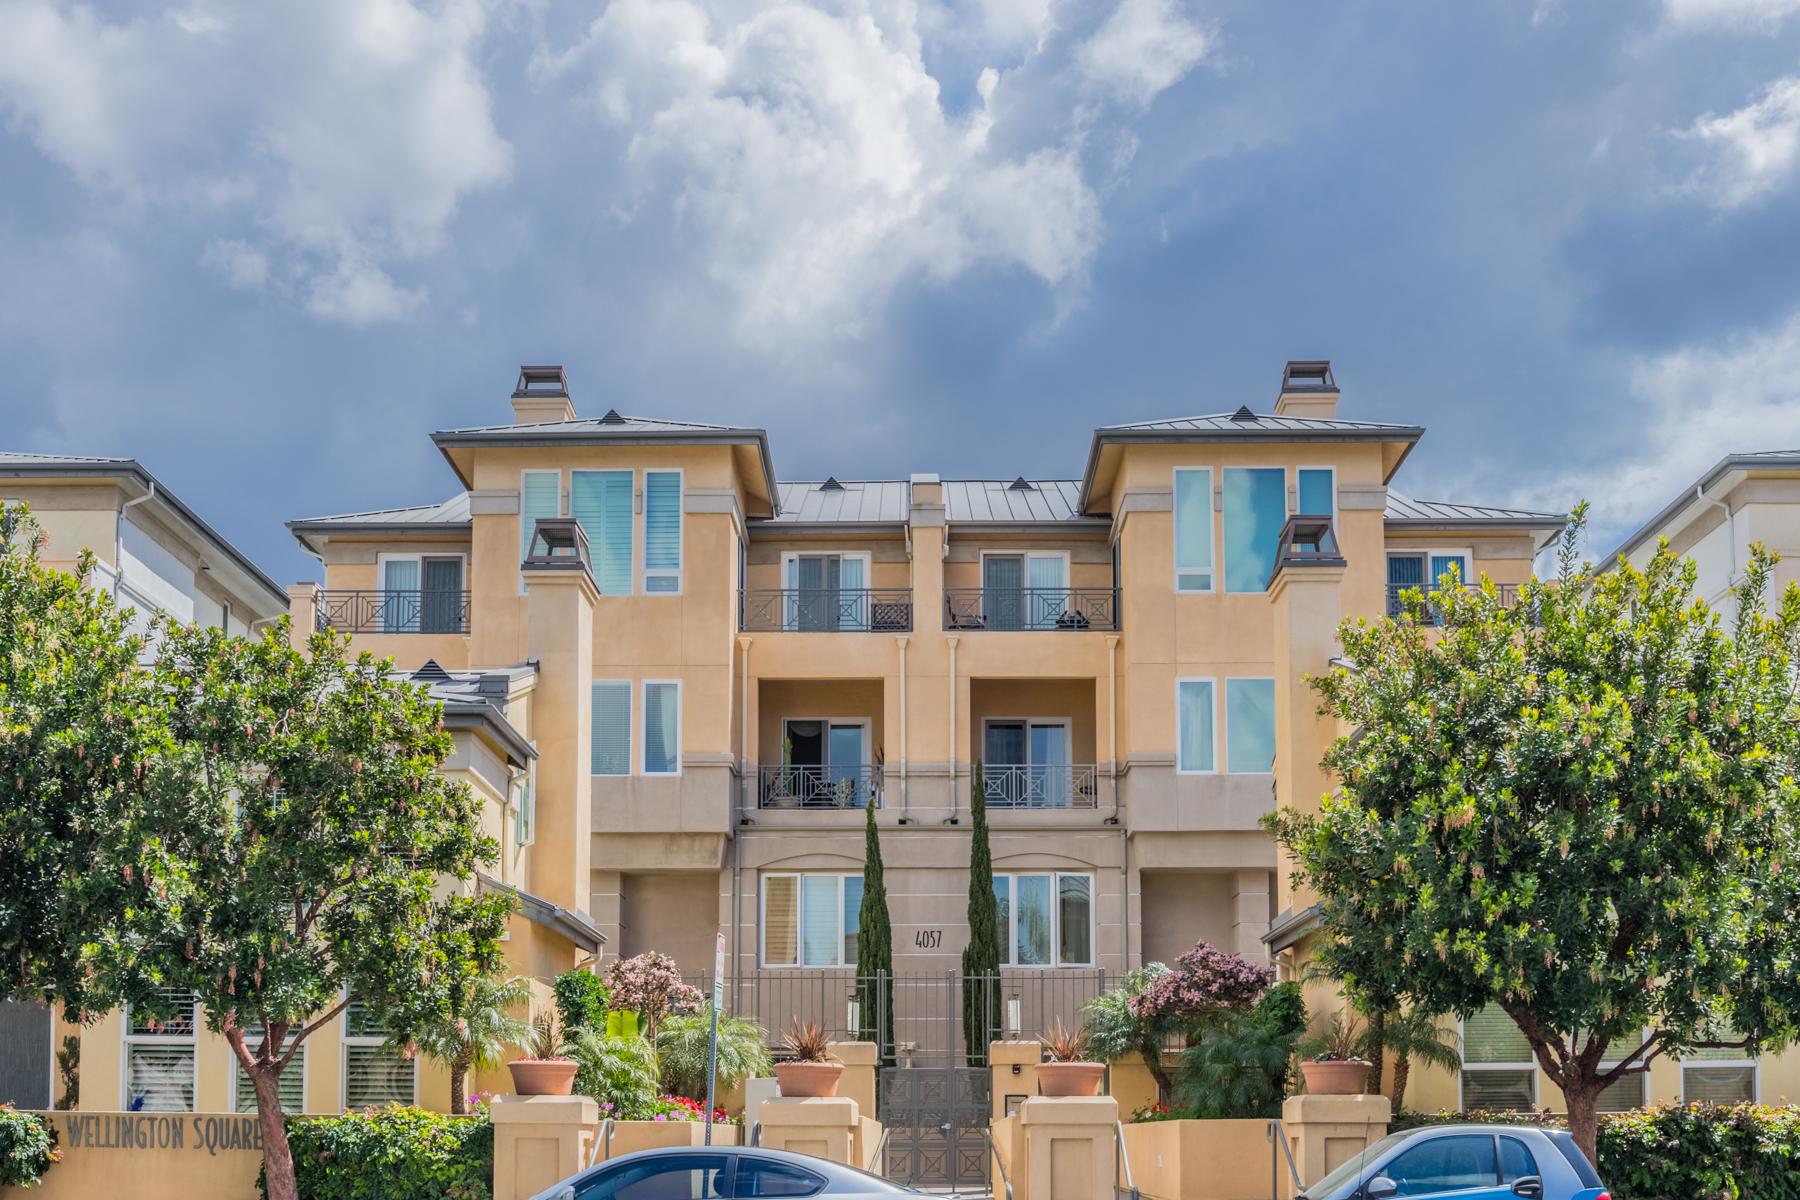 콘도미니엄 용 매매 에 Wellington Square 4057 1st Avenue 302 Hillcrest, San Diego, 캘리포니아, 92103 미국